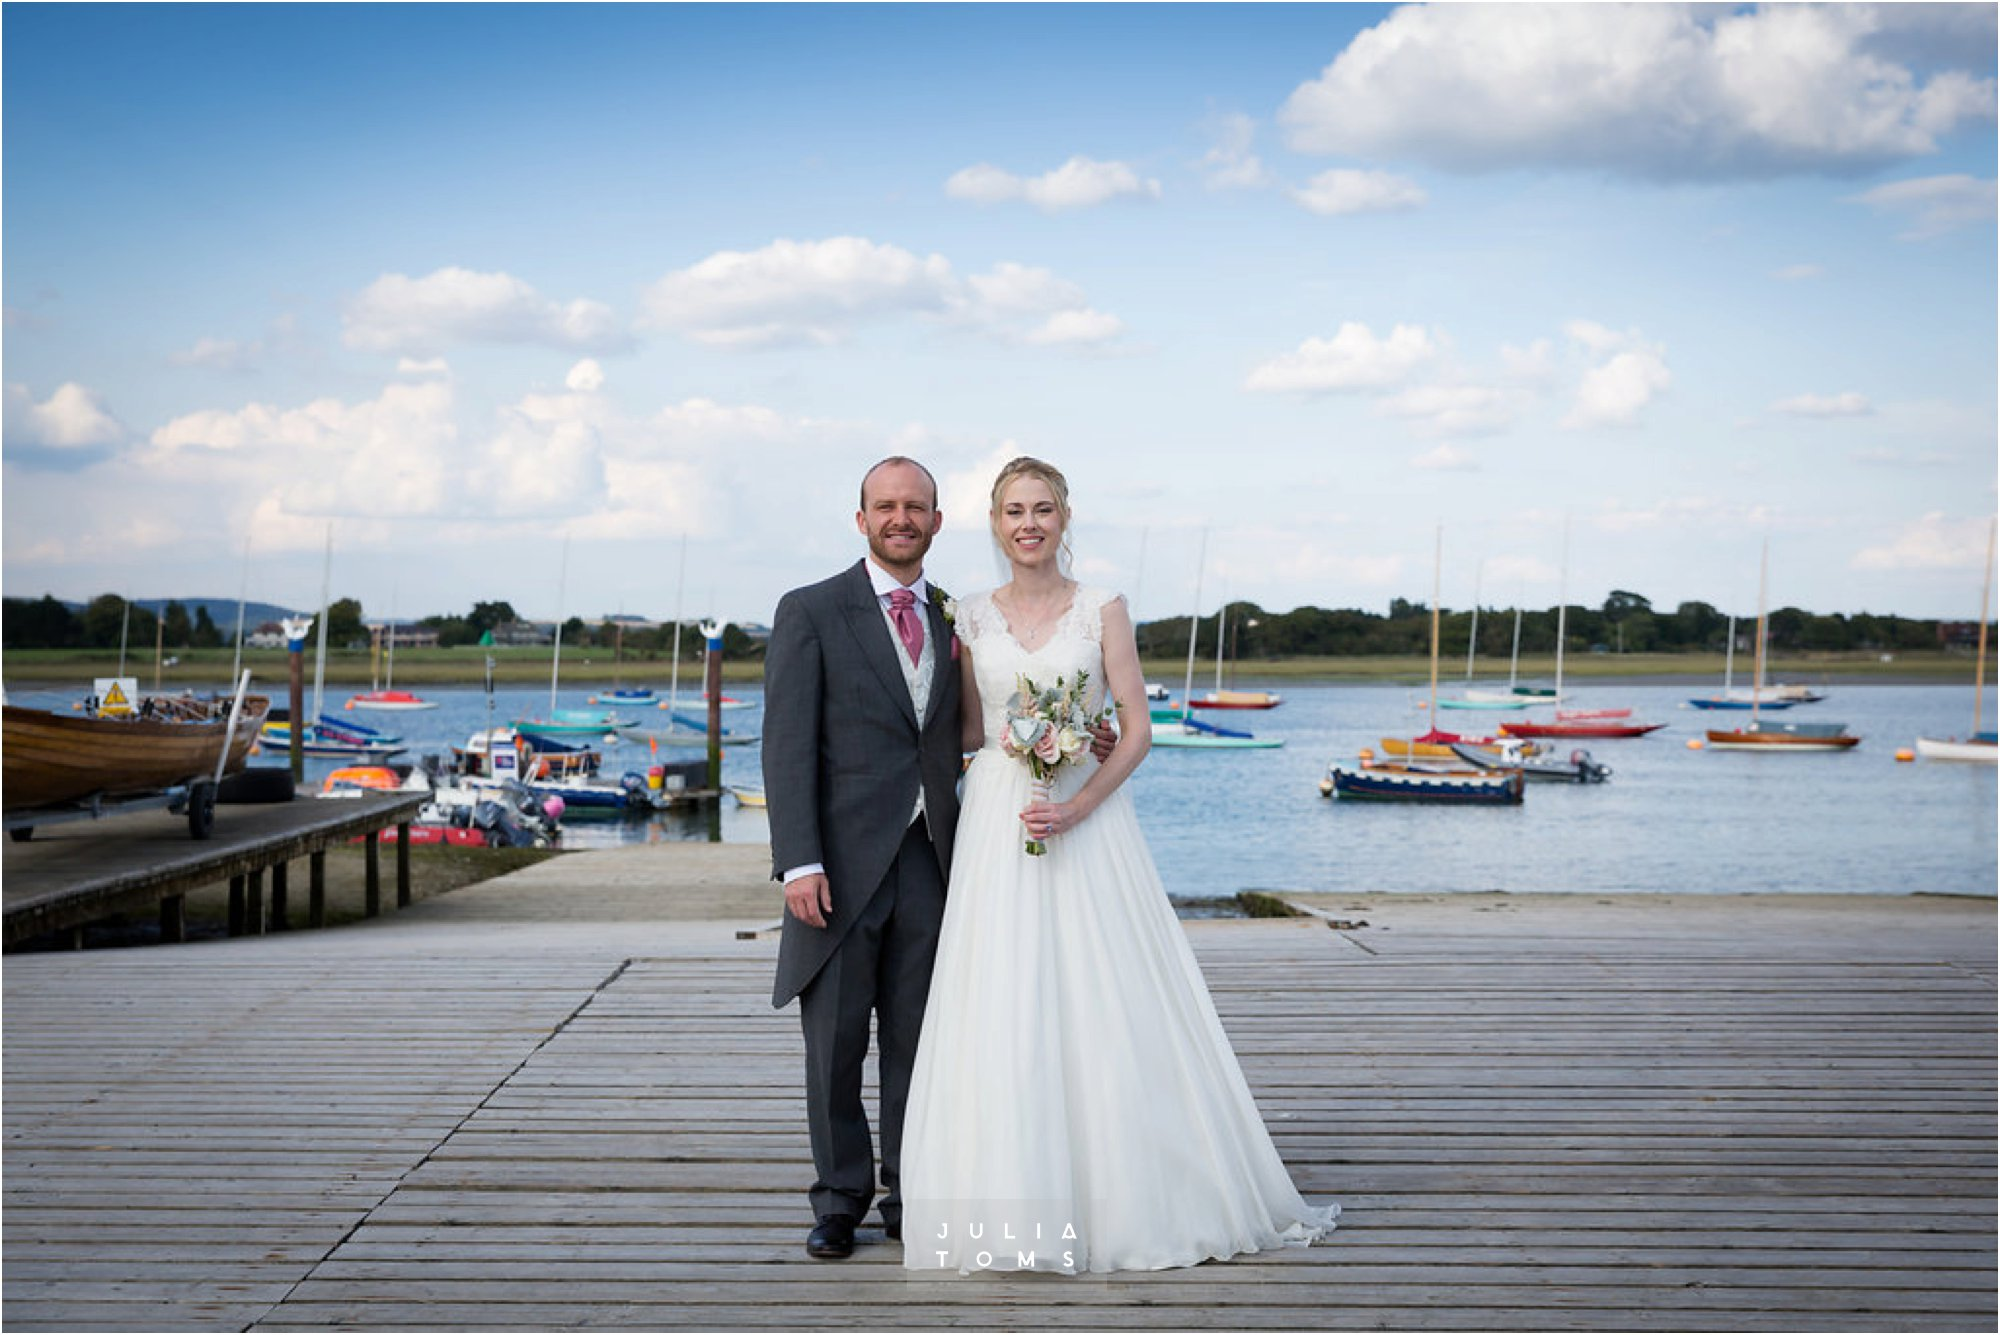 itchenor_wedding_chichester_photographer_070.jpg